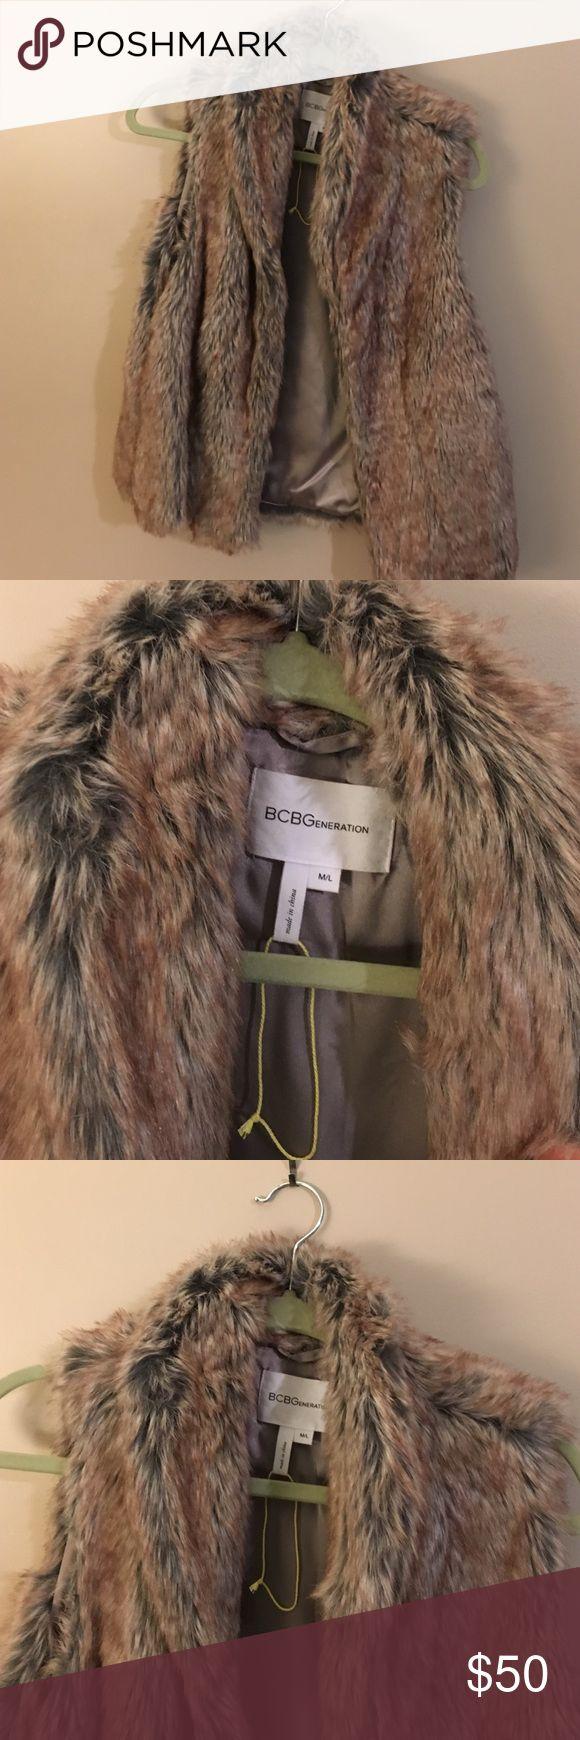 BCBG Fur Vest BCBG fur vest. M/L size would really fit either. NWOT, was a gift. Make an offer! BCBGeneration Jackets & Coats Vests